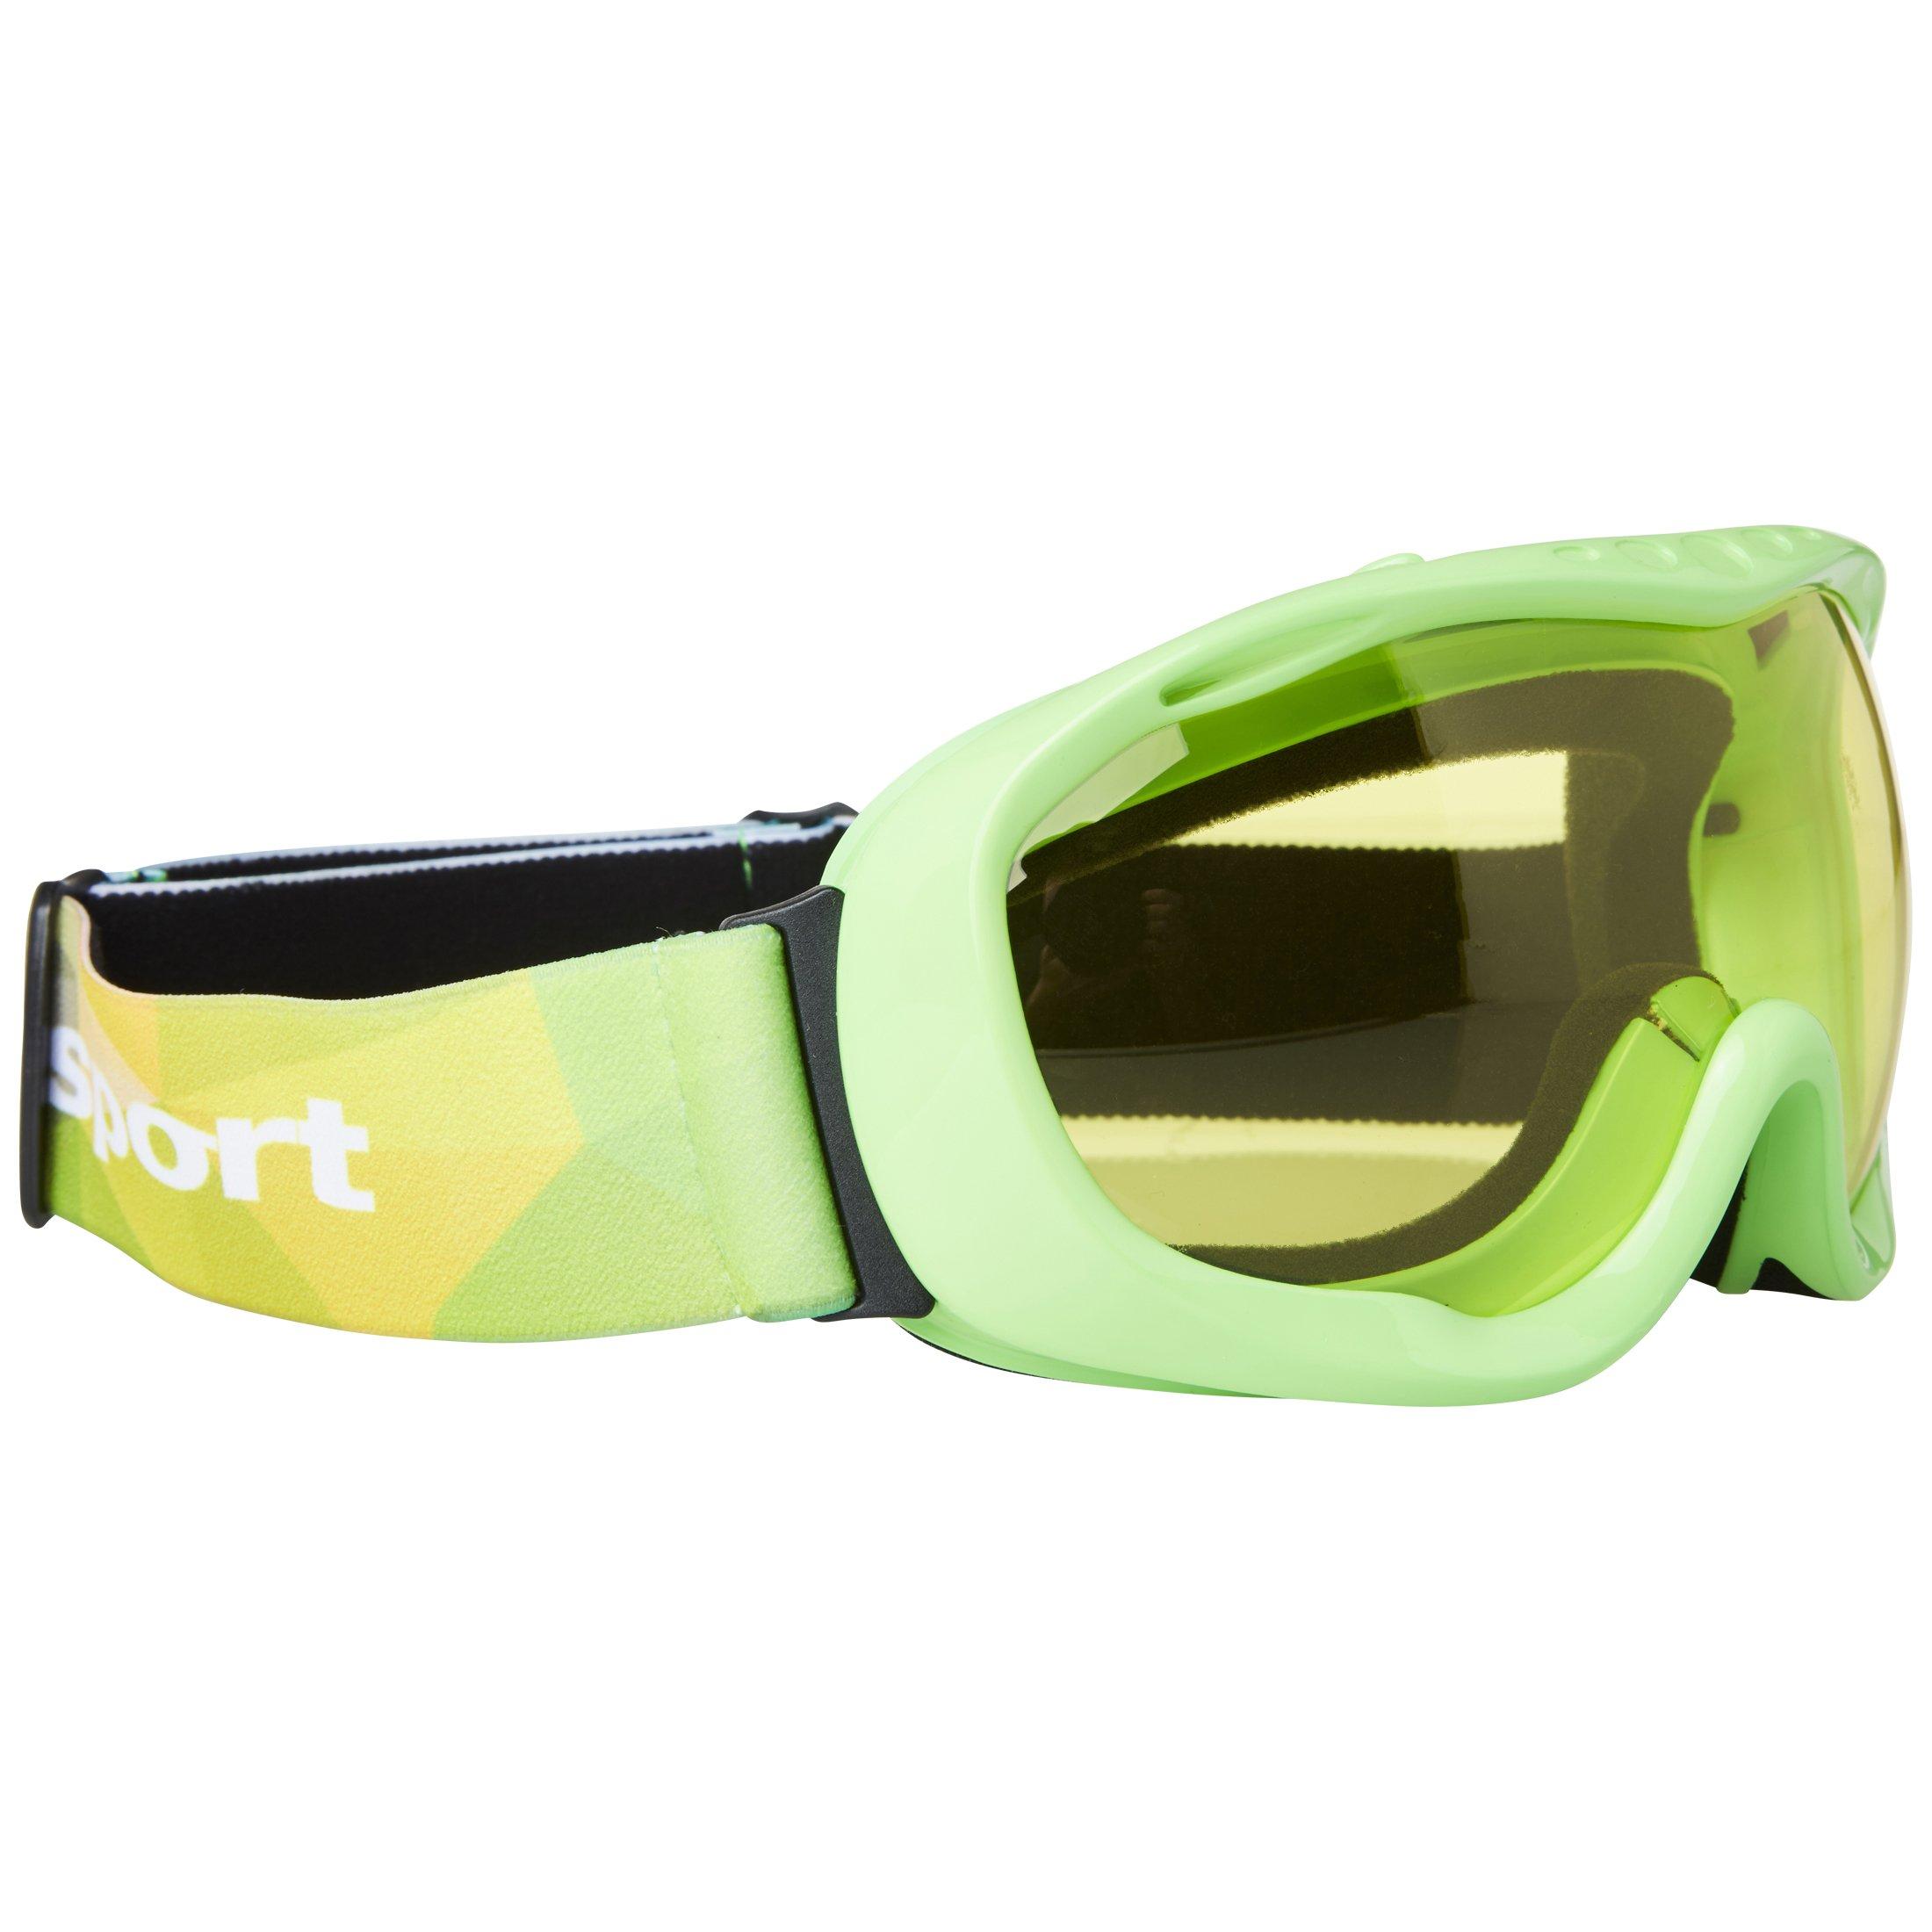 Ultrasport Skibrille / Snowboardbrille mit Antibeschlag-Scheibe, grün/gelb